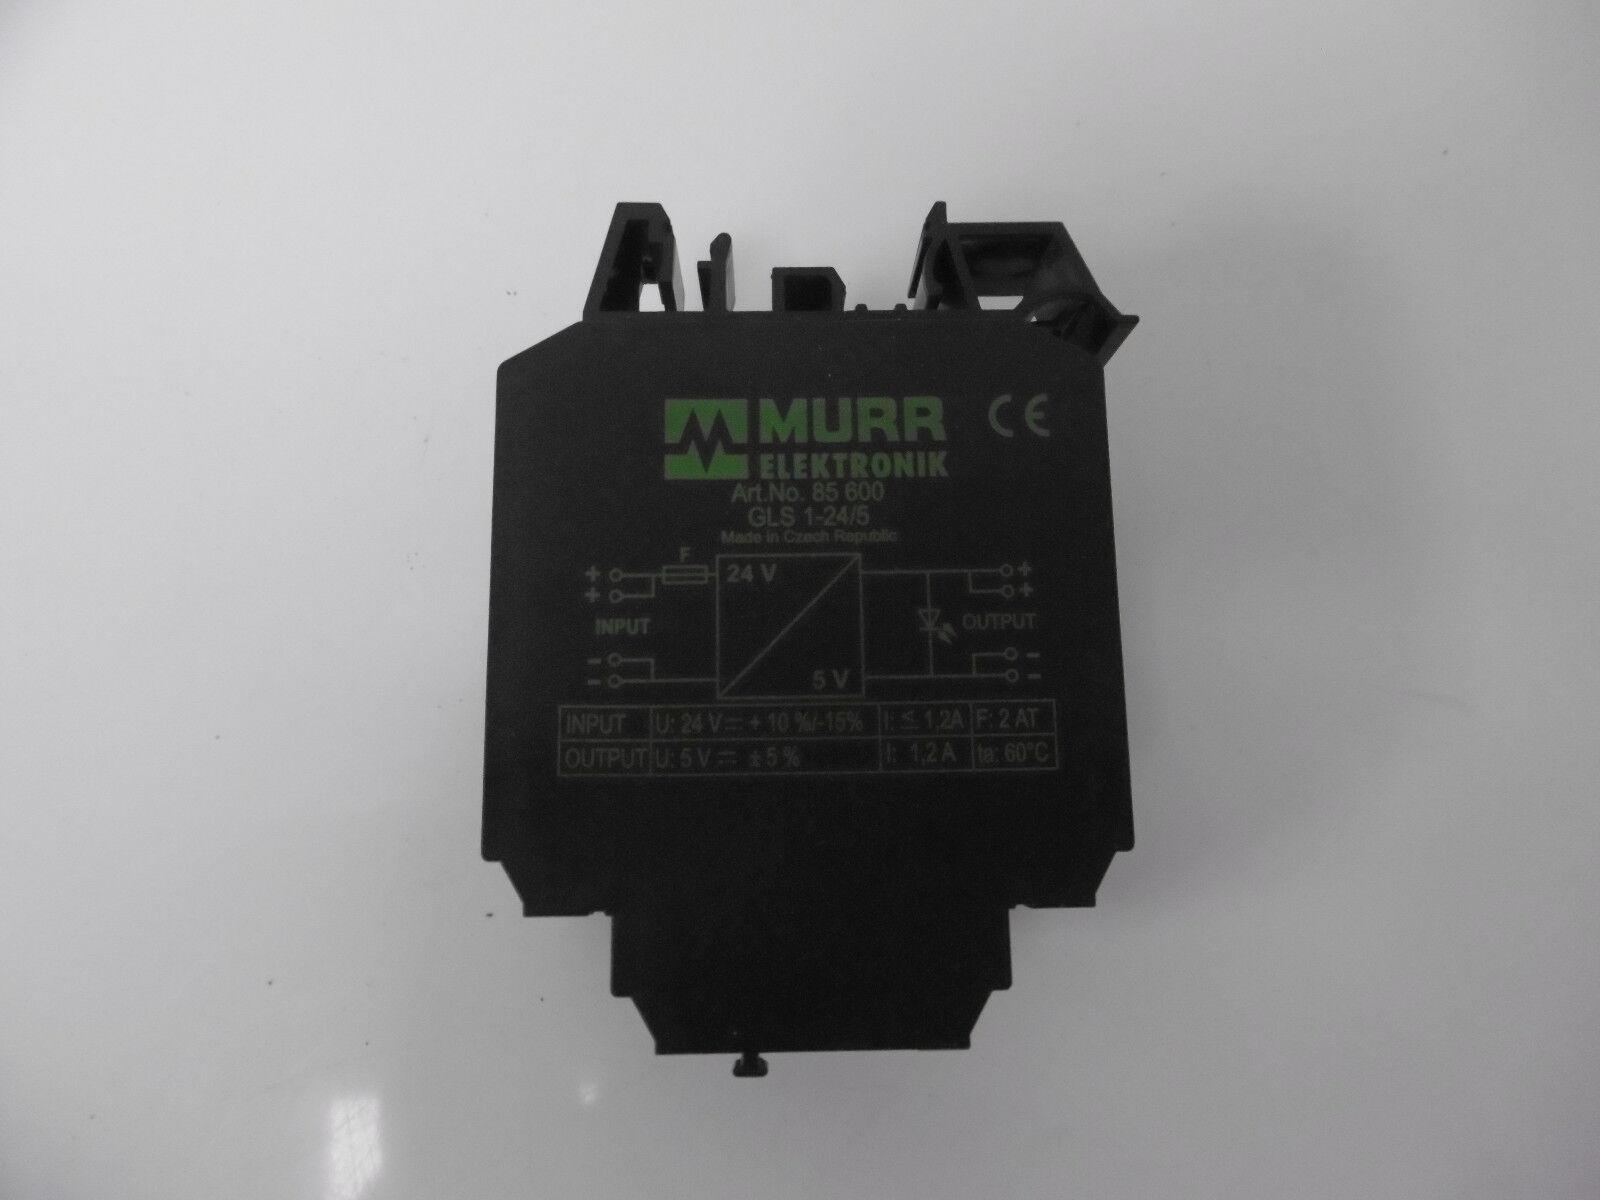 Murrelektronik 85600 GLS 1-24/5 1-24/5 1-24/5 DC/DC-Wandler 1b35f9